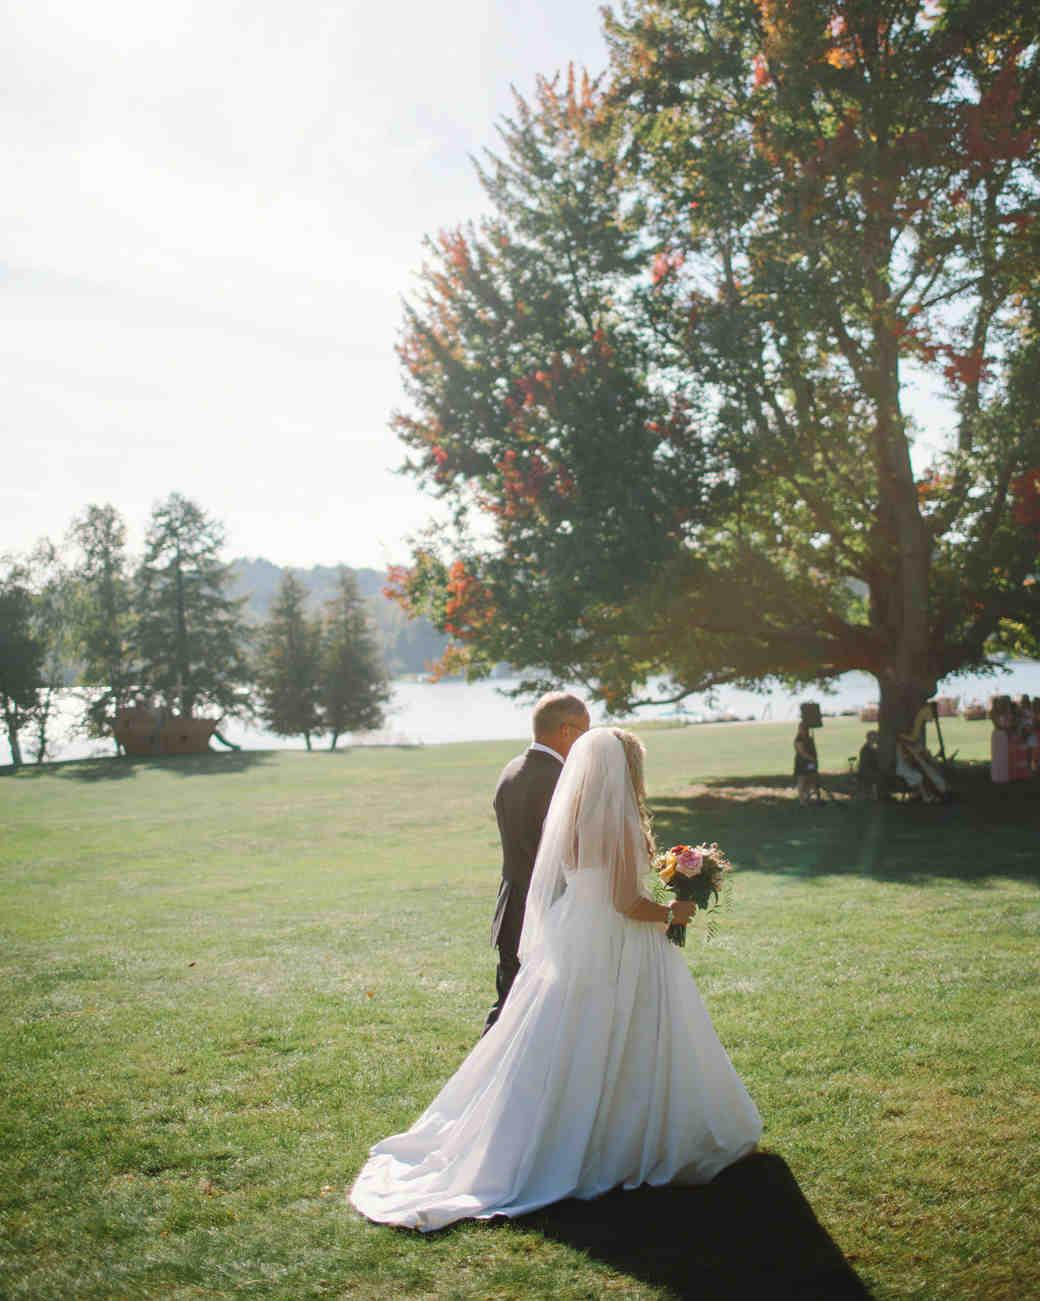 lizzy-bucky-wedding-dad-370-s111857-0315.jpg